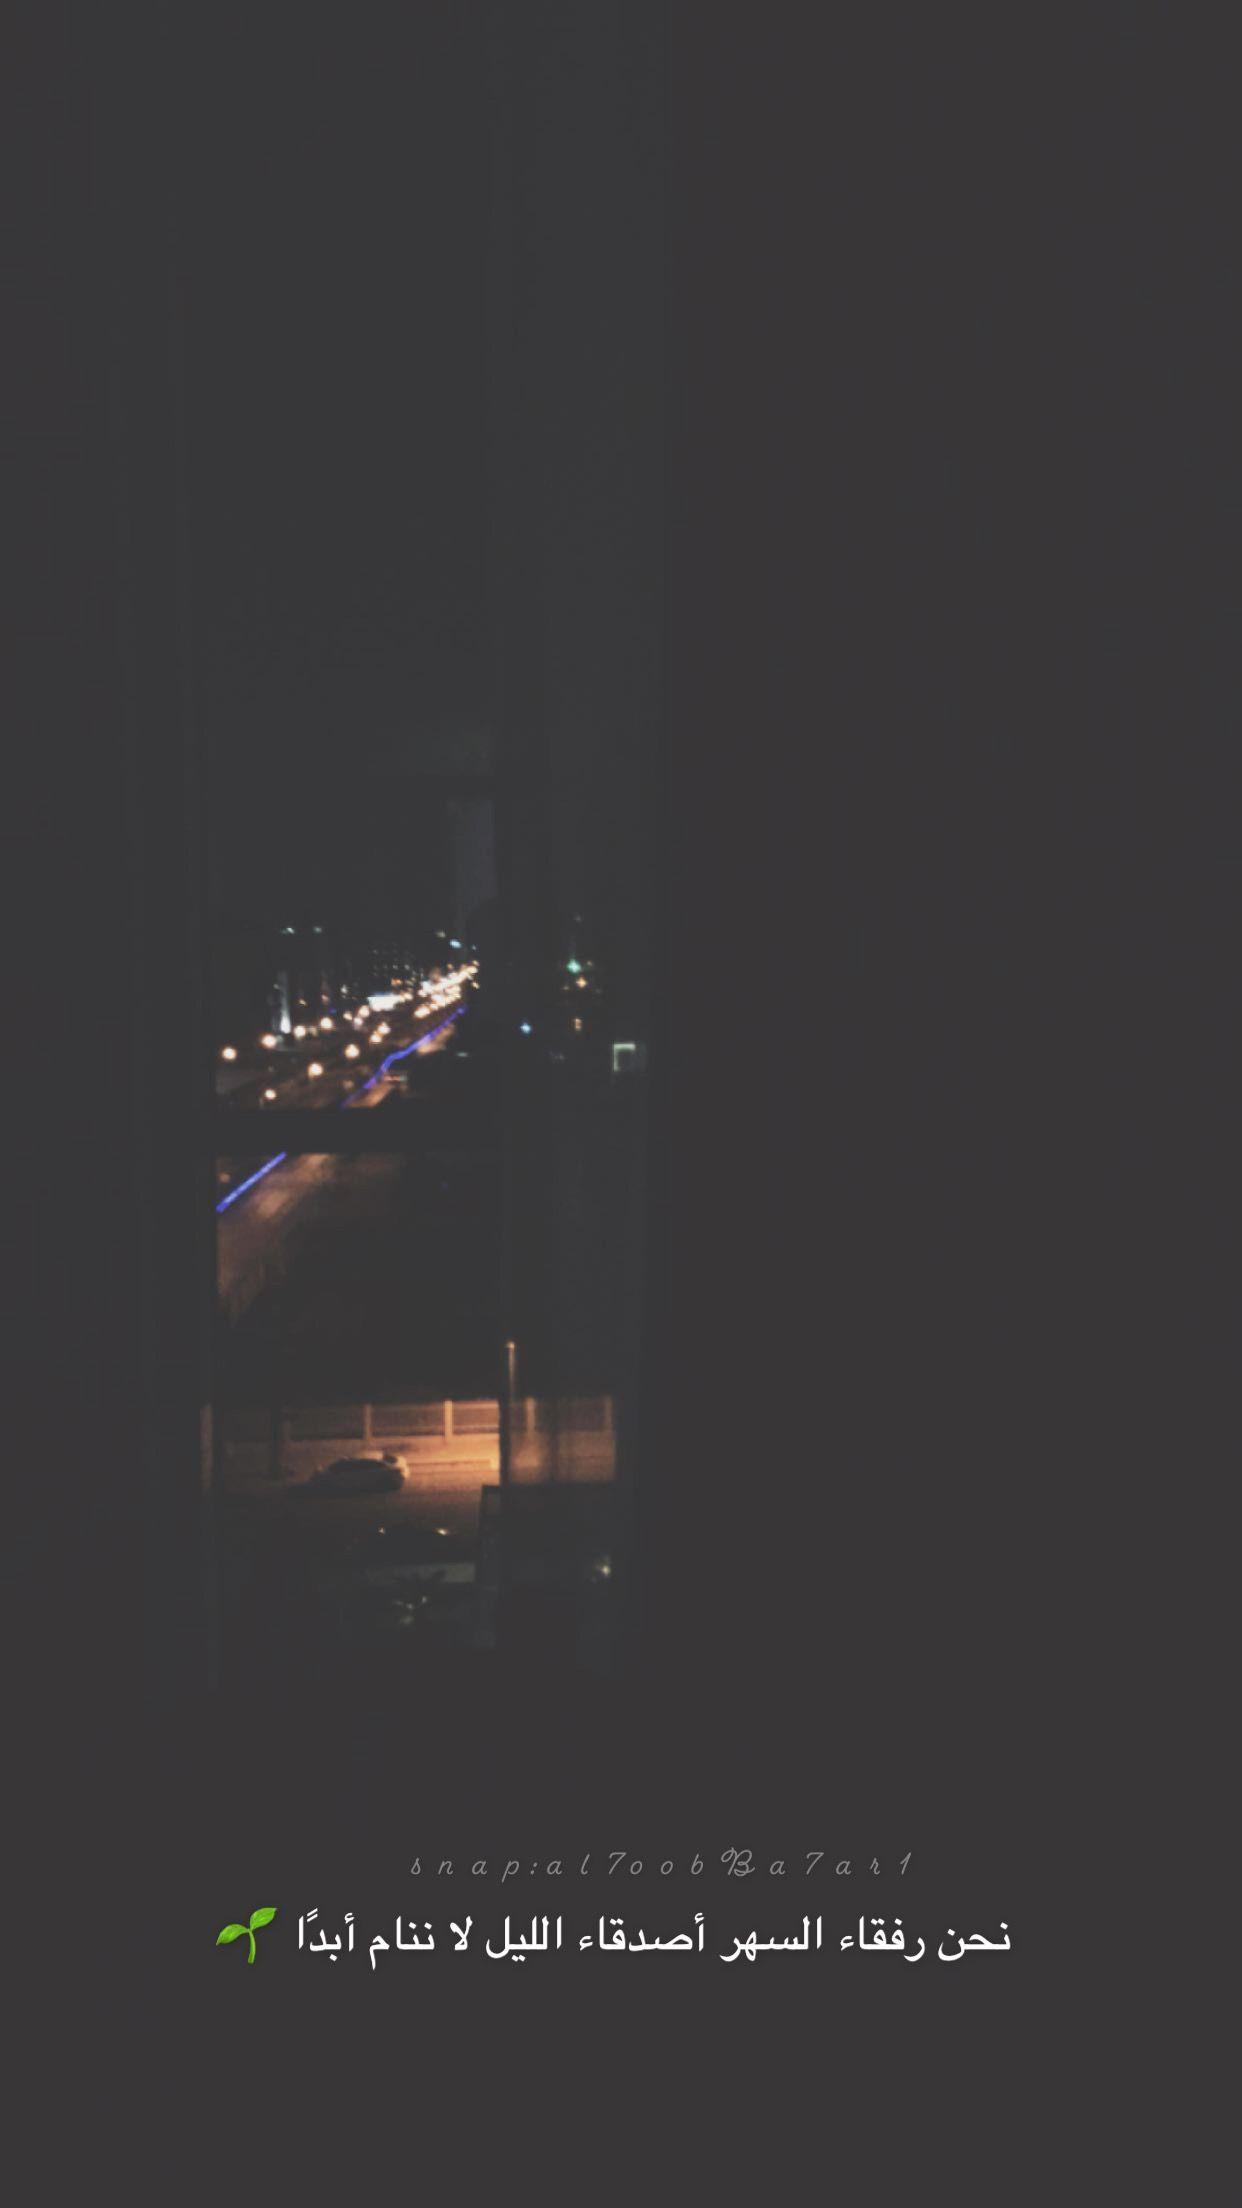 همسه نحن رفقاء السهر أصدقاء الليل لا ننام أبد ا تصويري تصويري سناب الرياض إضاءة الليل ال Photo Quotes Love Husband Quotes Love Smile Quotes